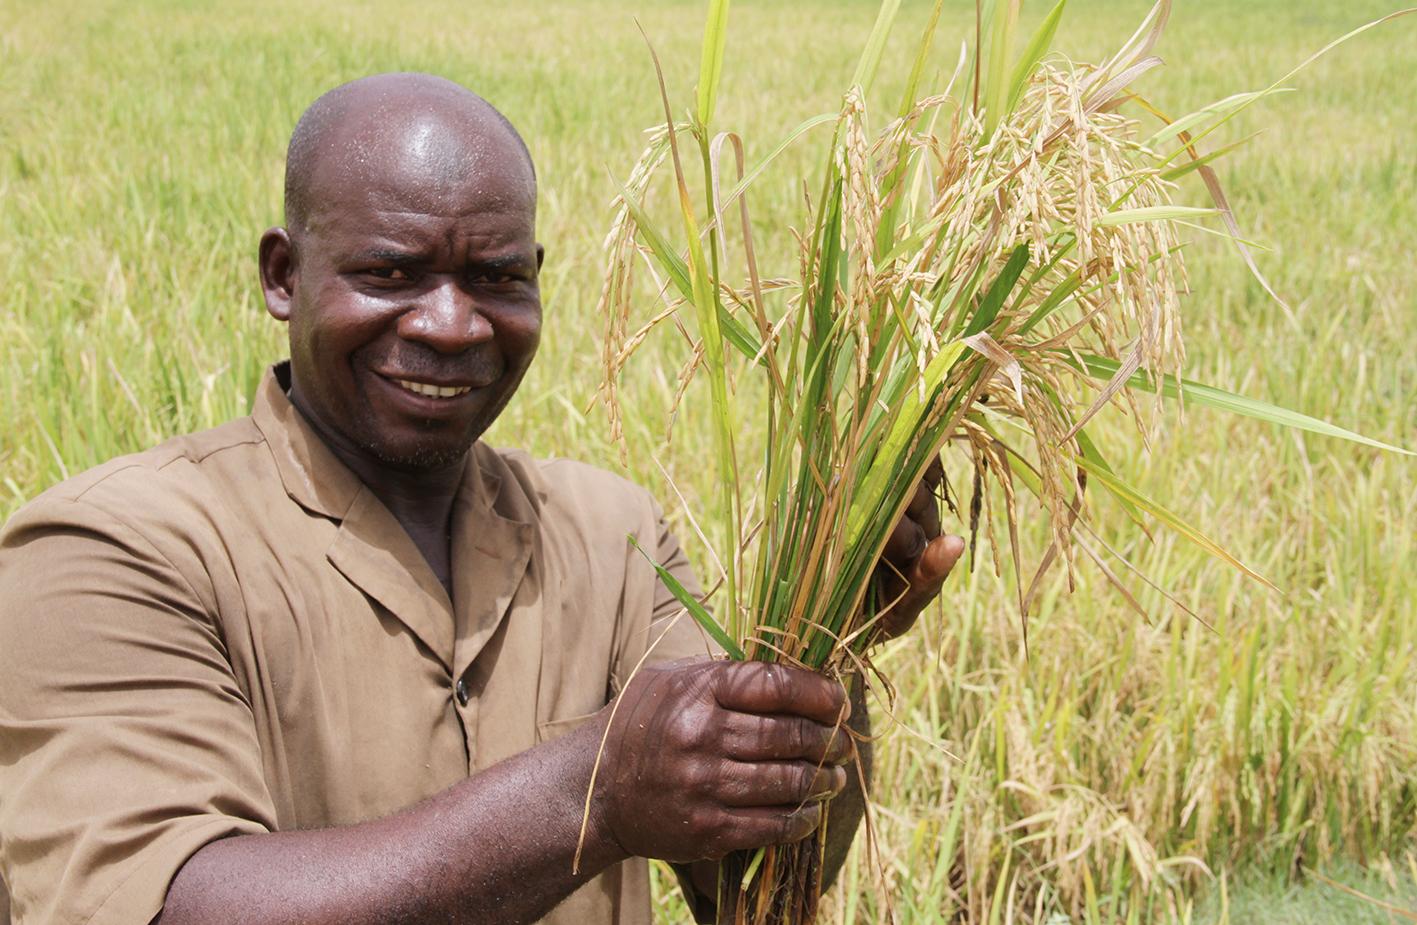 ''Le SRI présente de nombreux avantages par rapport à nos méthodes de culture traditionnelles. Il nécessite moins de semences et les rendements sont plus élevés avec ce système qui utilise moins d'eau en contre saison'' renseigne Assie Togola, un autre utilisateur du SRI.